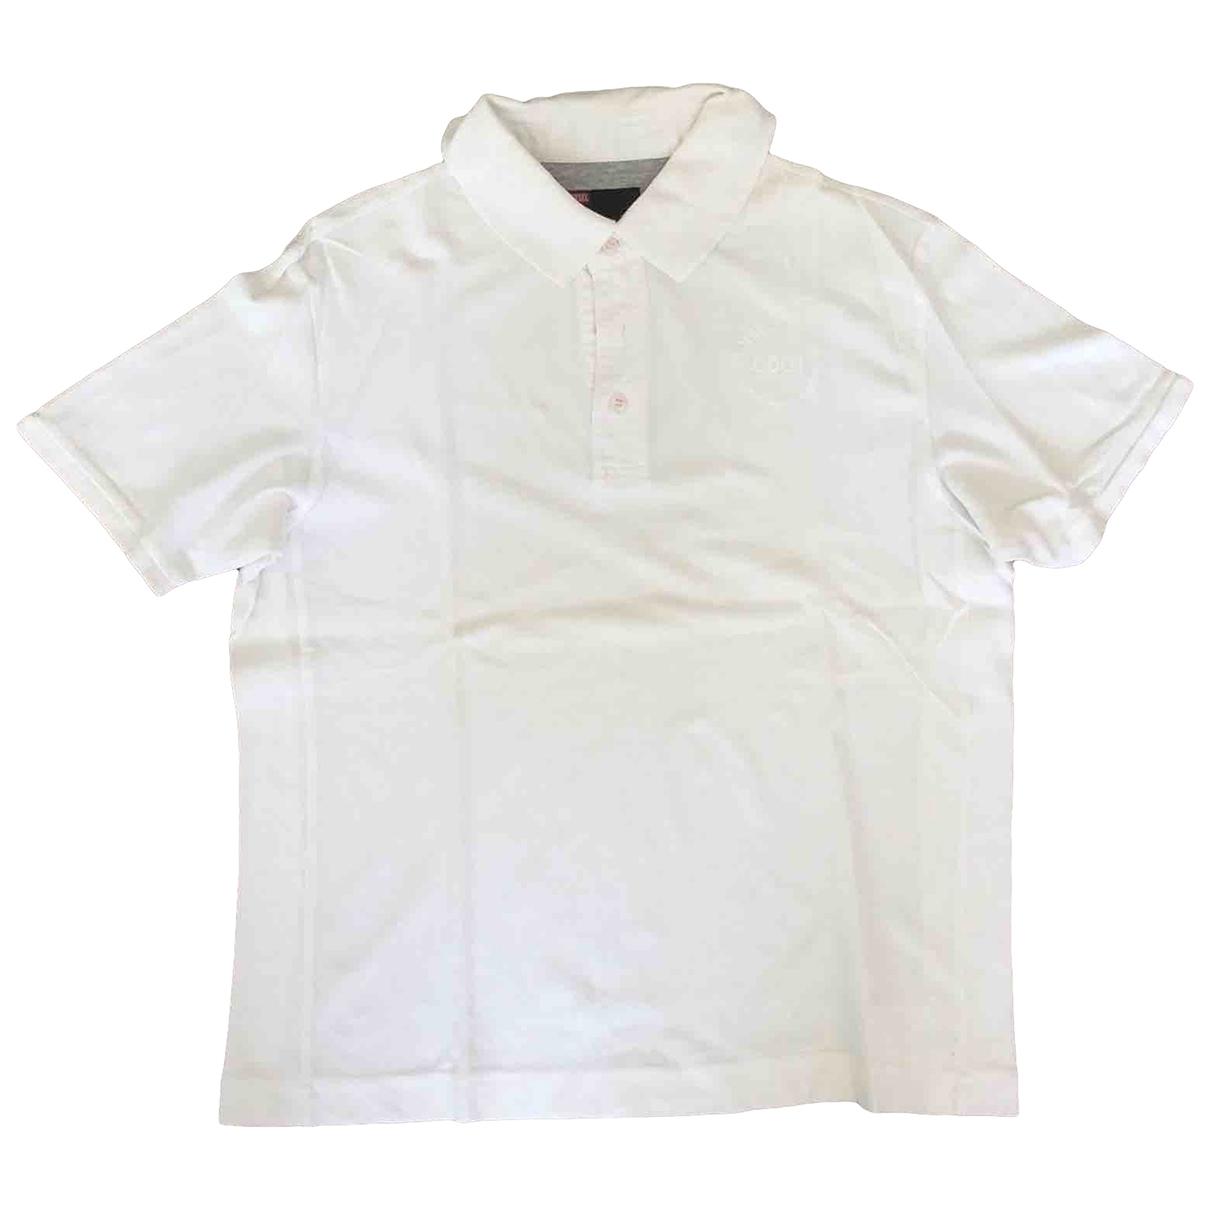 Diesel - Polos   pour homme en coton - blanc